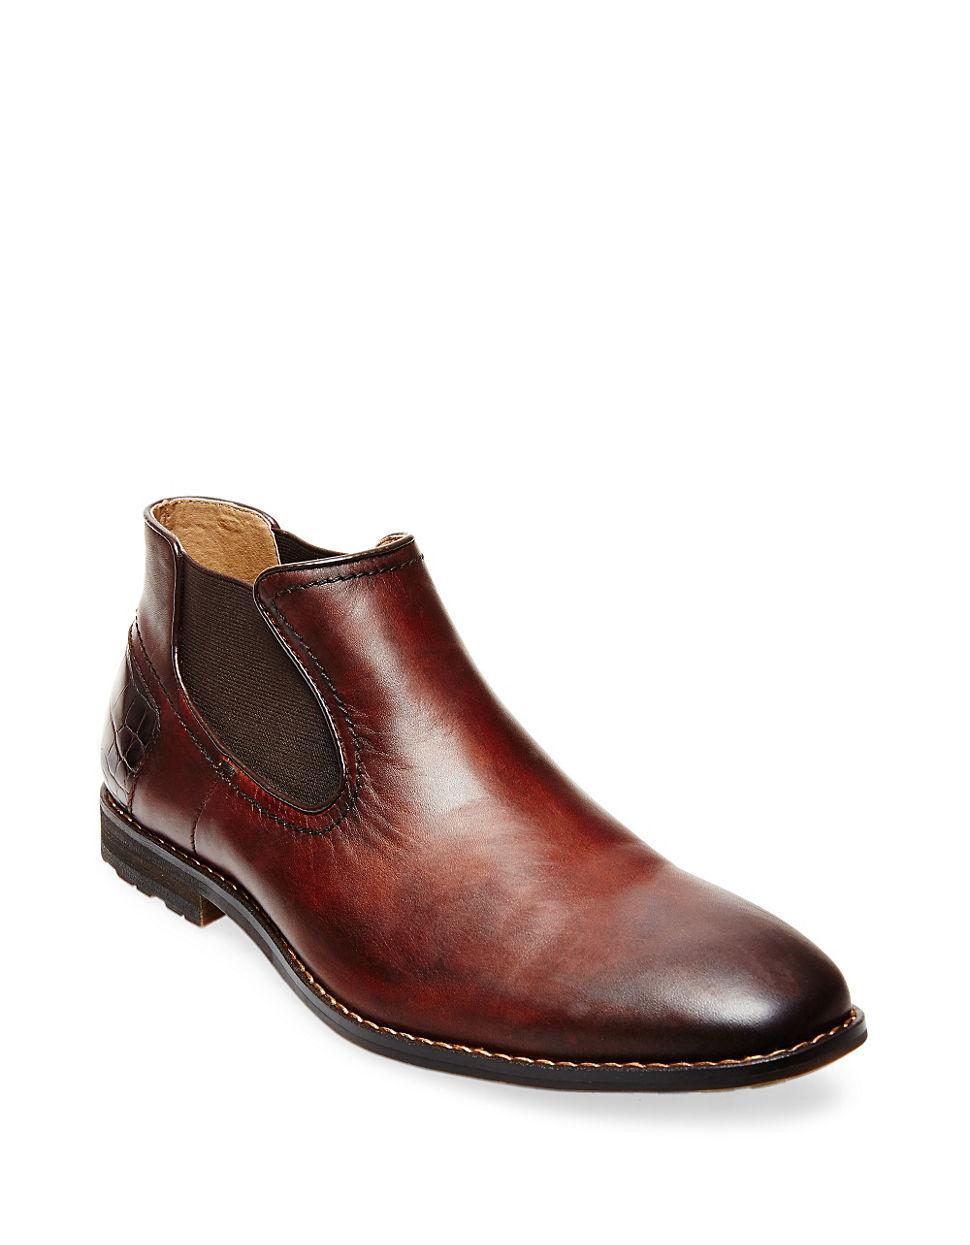 steve madden kelen leather chelsea boots in brown for men lyst. Black Bedroom Furniture Sets. Home Design Ideas